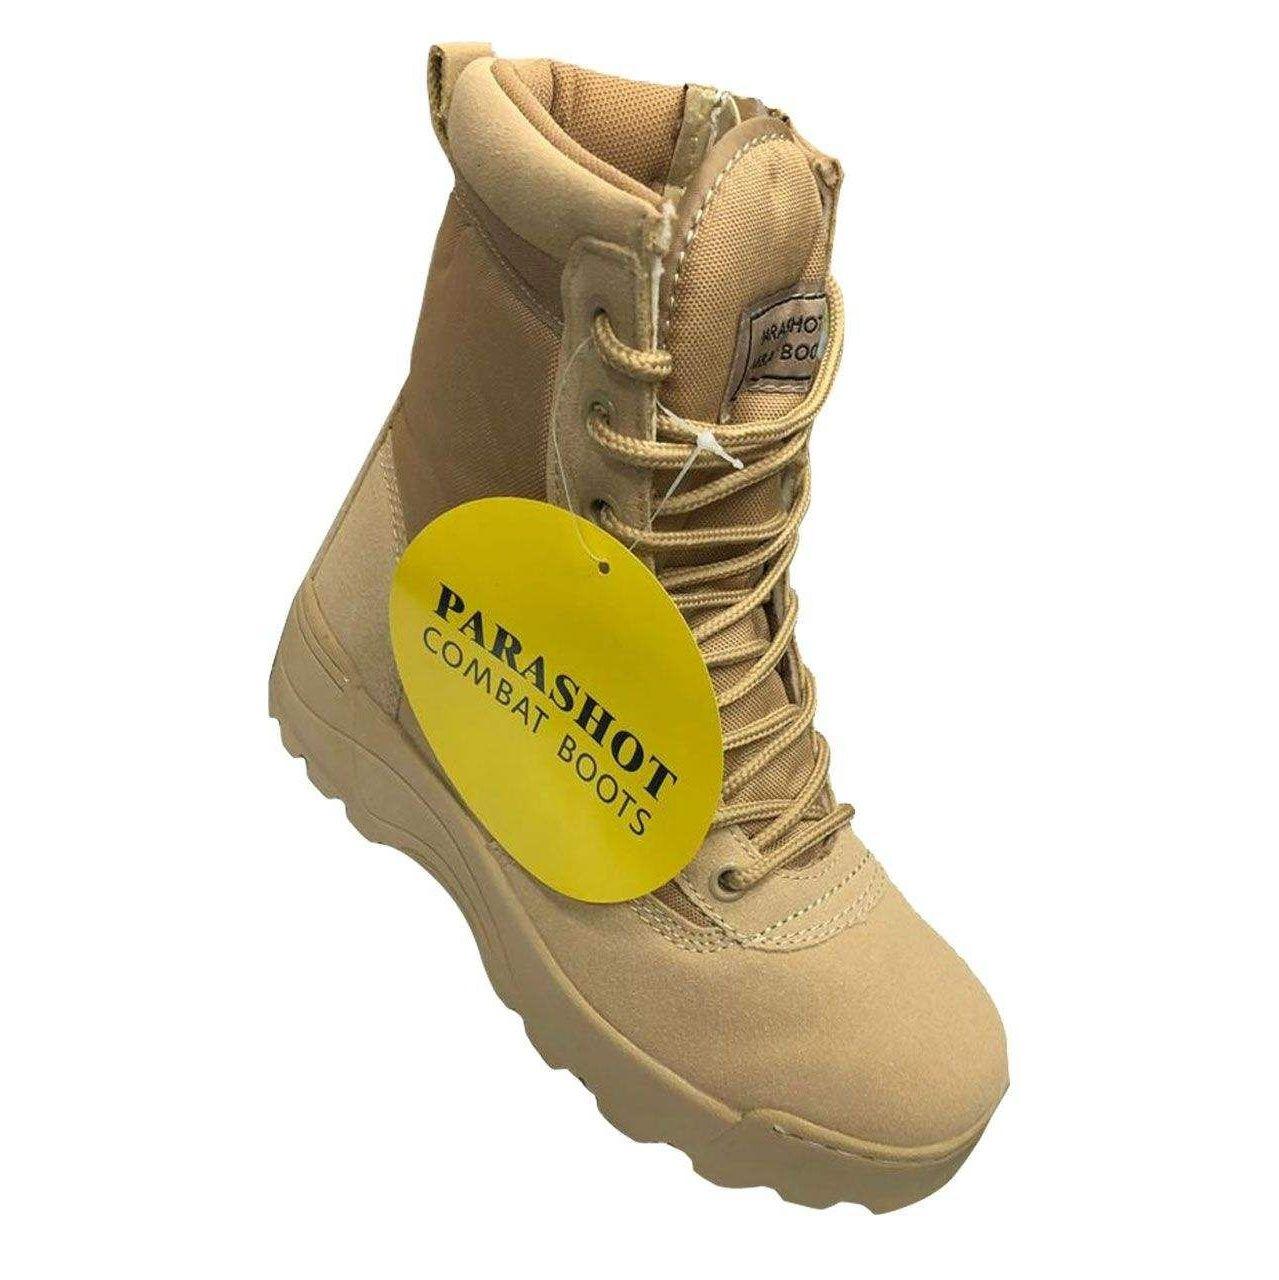 کفش کوهنوردی مردانه مدل تاکتیکال main 1 2